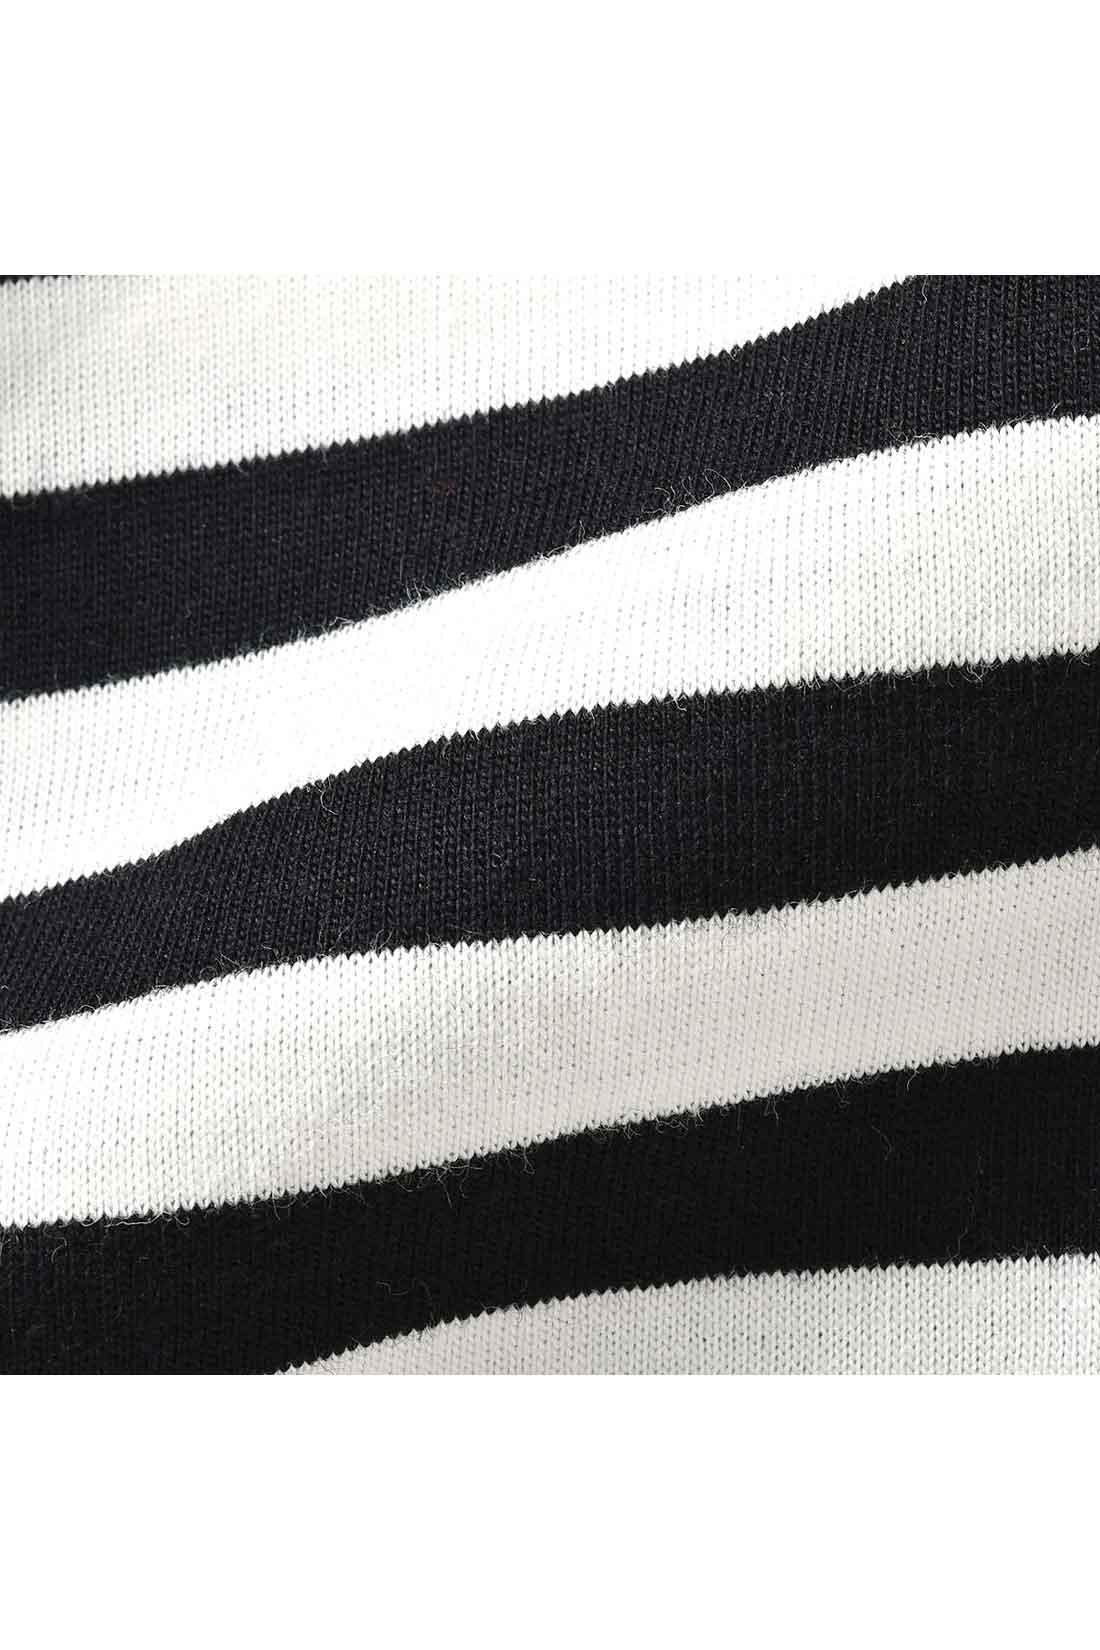 しっかり目の詰まった肌ざわりも快適な綿100%のカットソー。